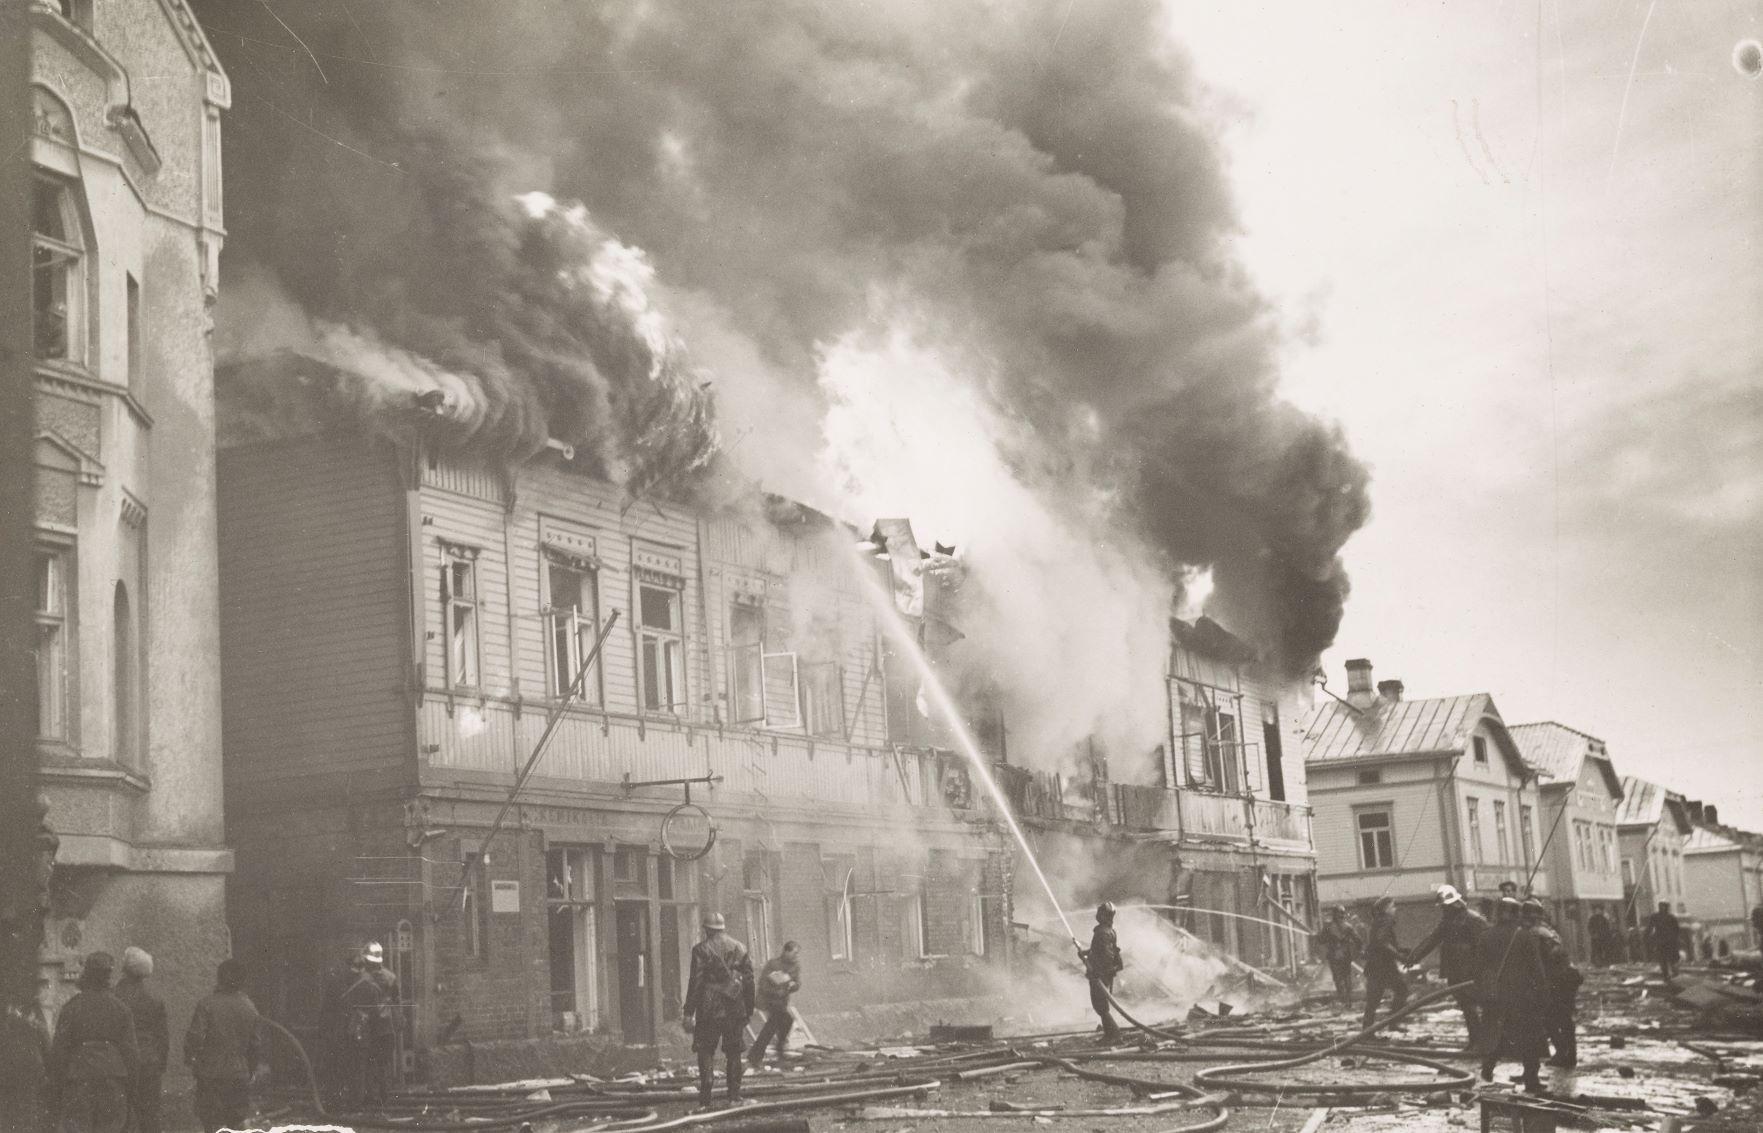 Ett svartvitt foto föreställandes ett trähus som brinner och brandkåren som försöker släcka